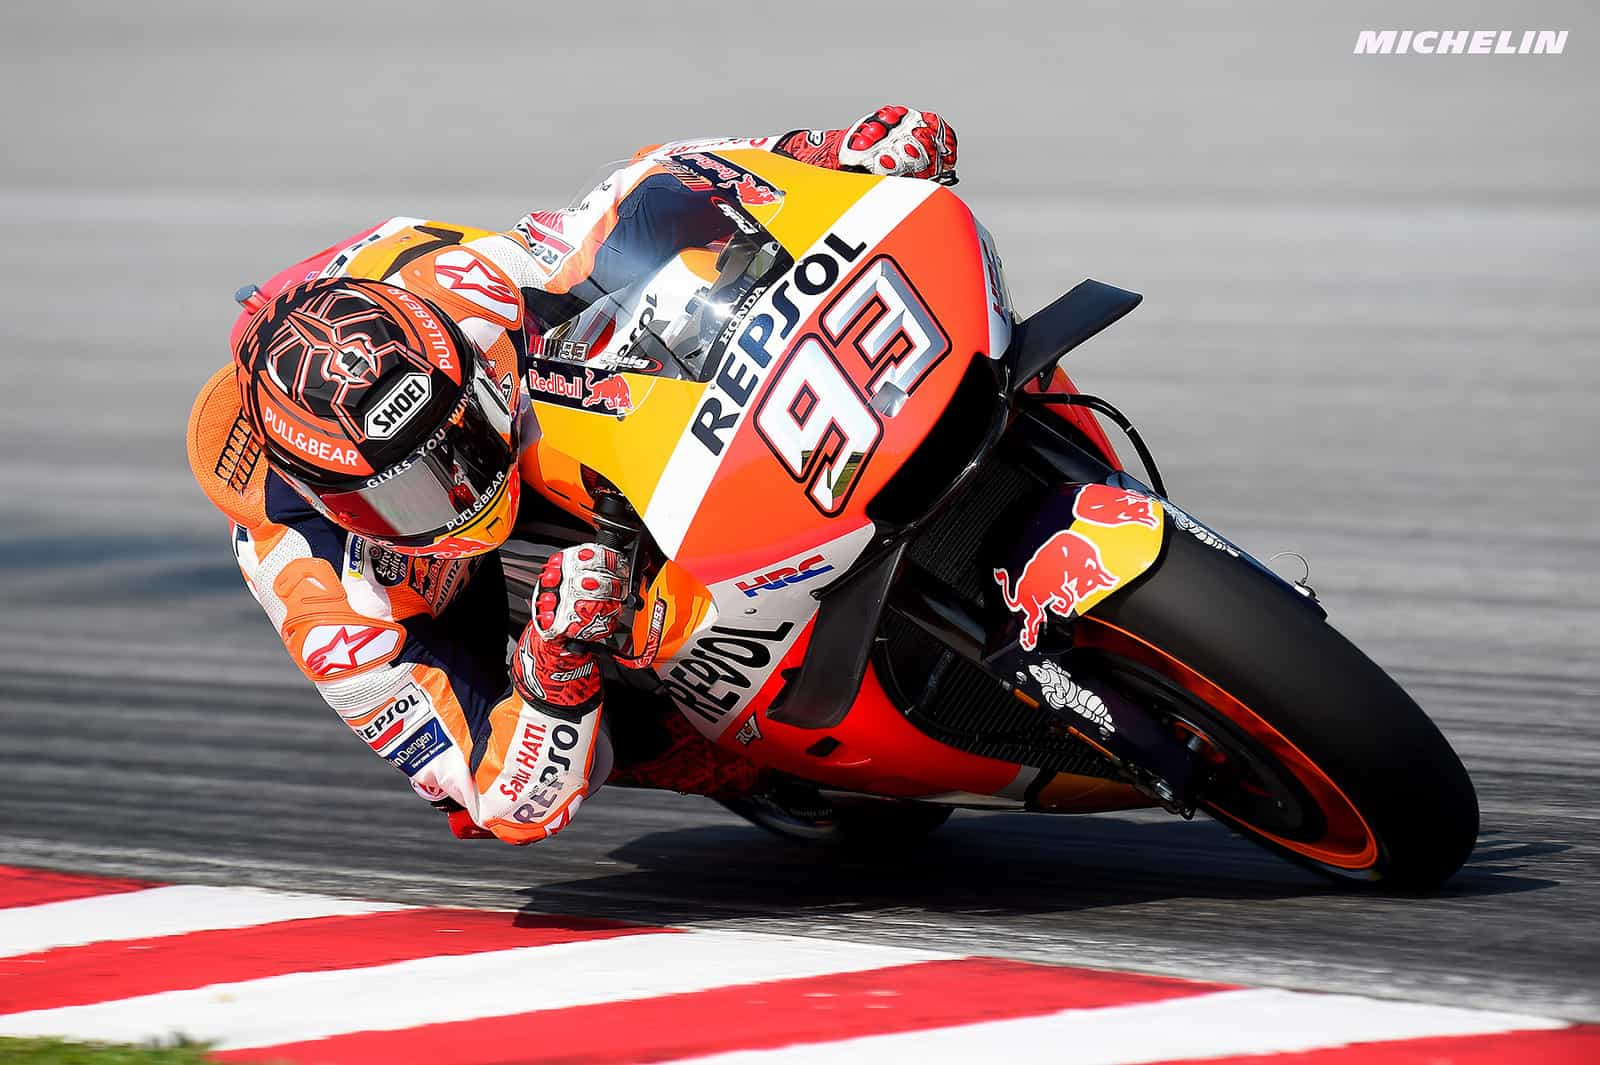 MotoGP2019ヘレステスト2日目8番手 マルケス「思うようにライディング出来ない状況」